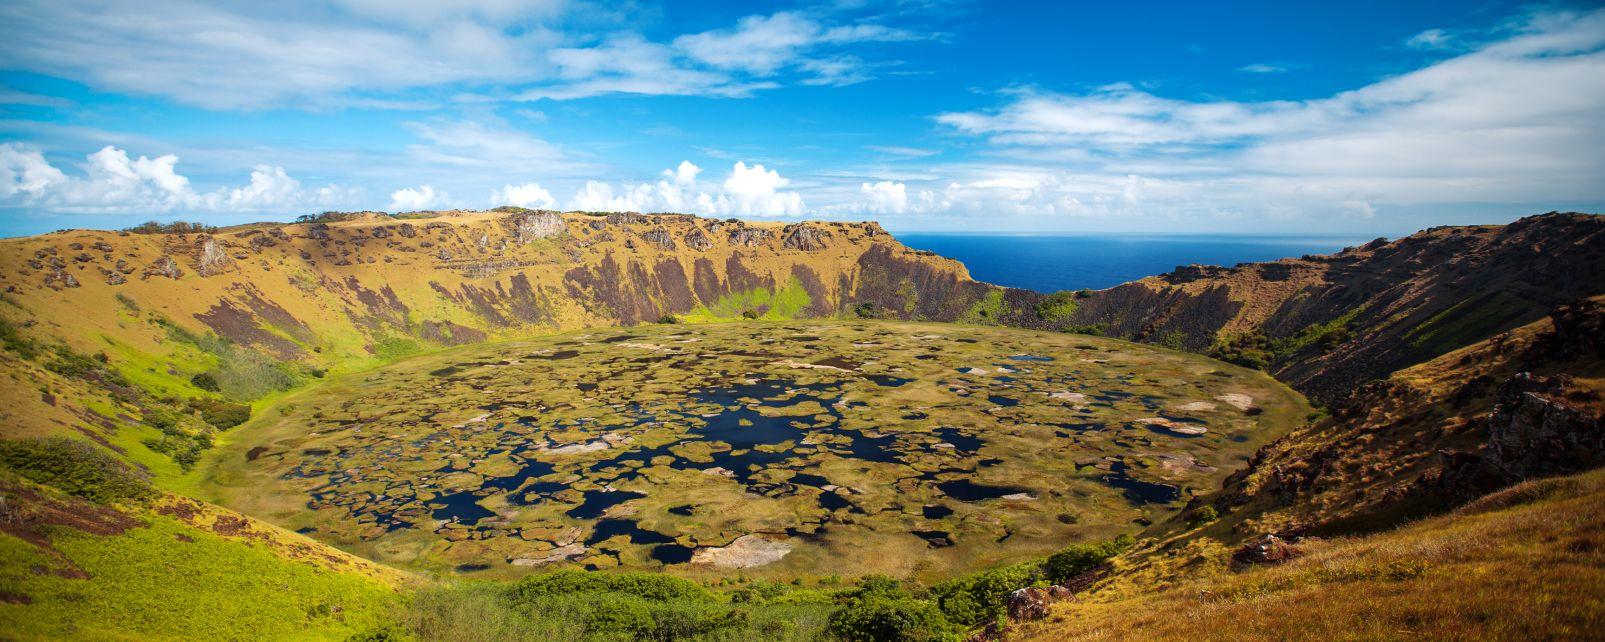 Hotel Orongo Easter Island